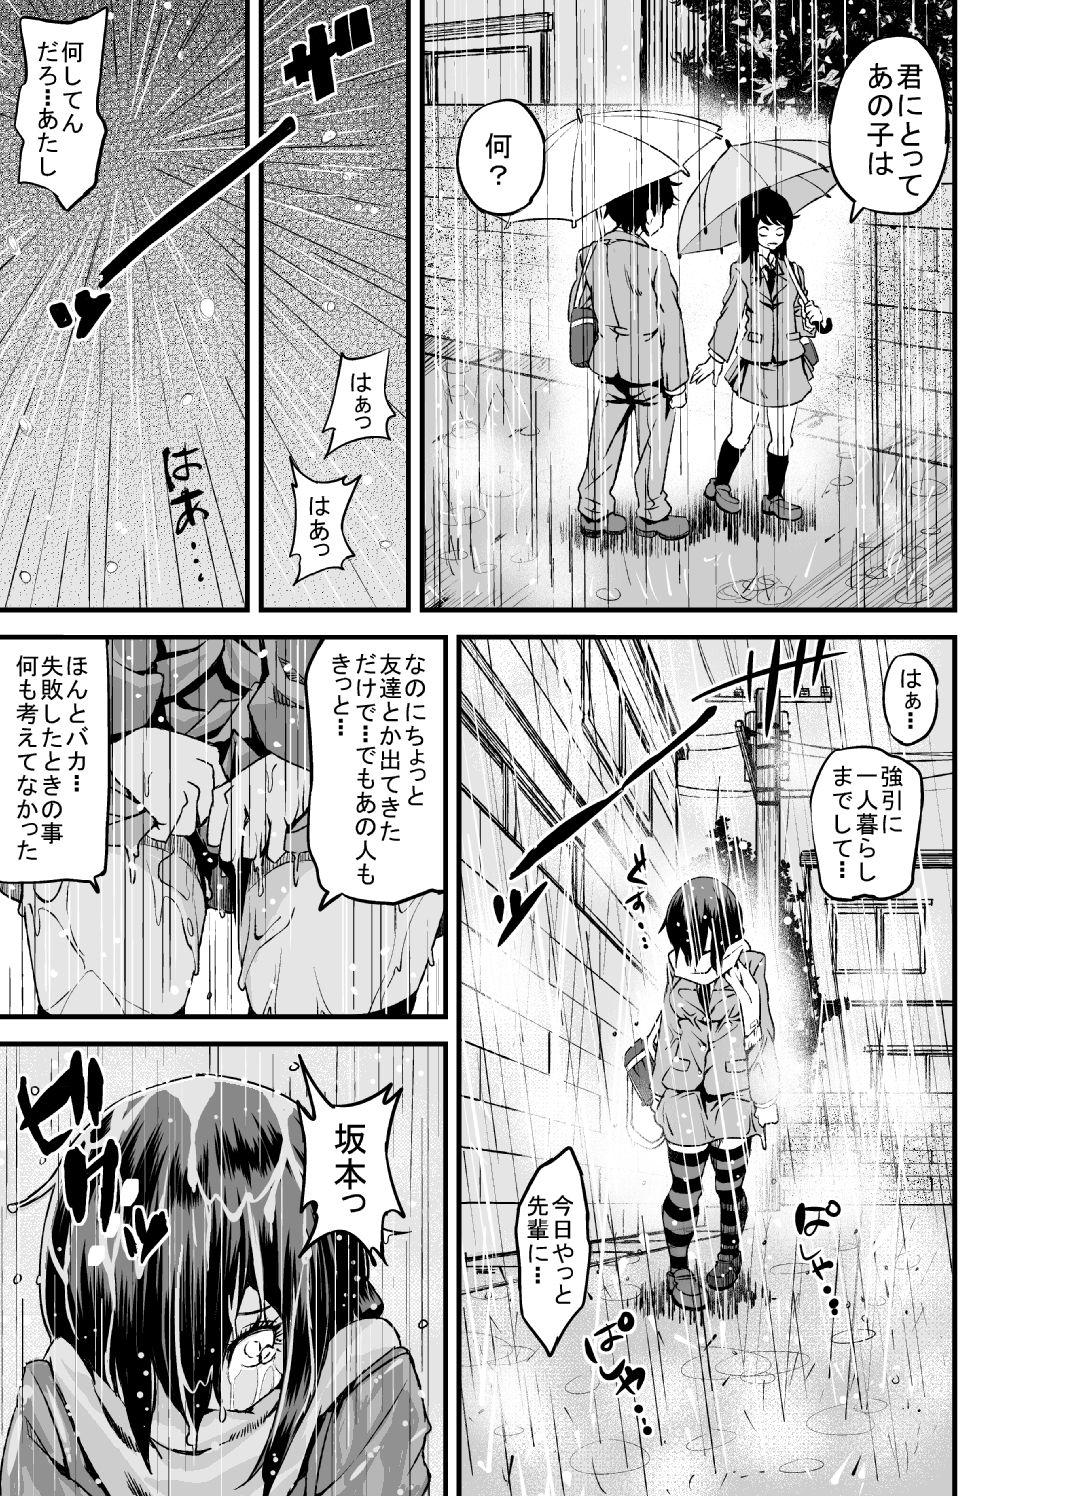 Ero Manga 5